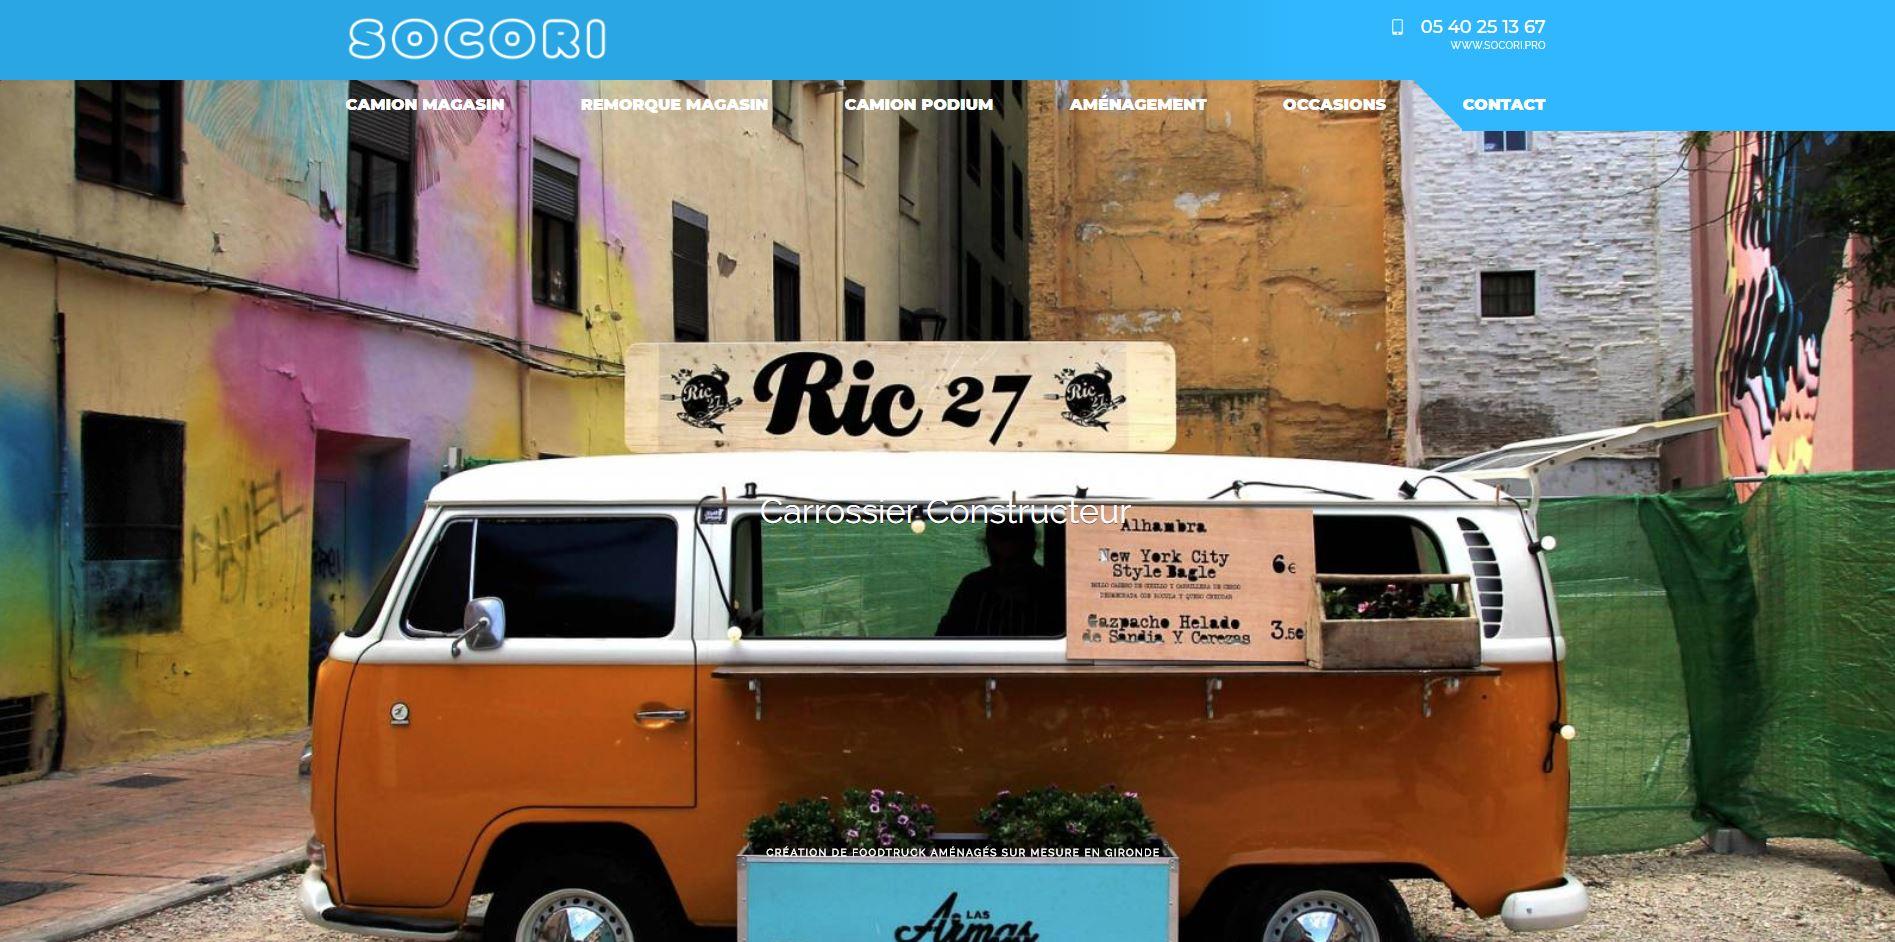 Aménageur de camions restaurants a Bordeaux